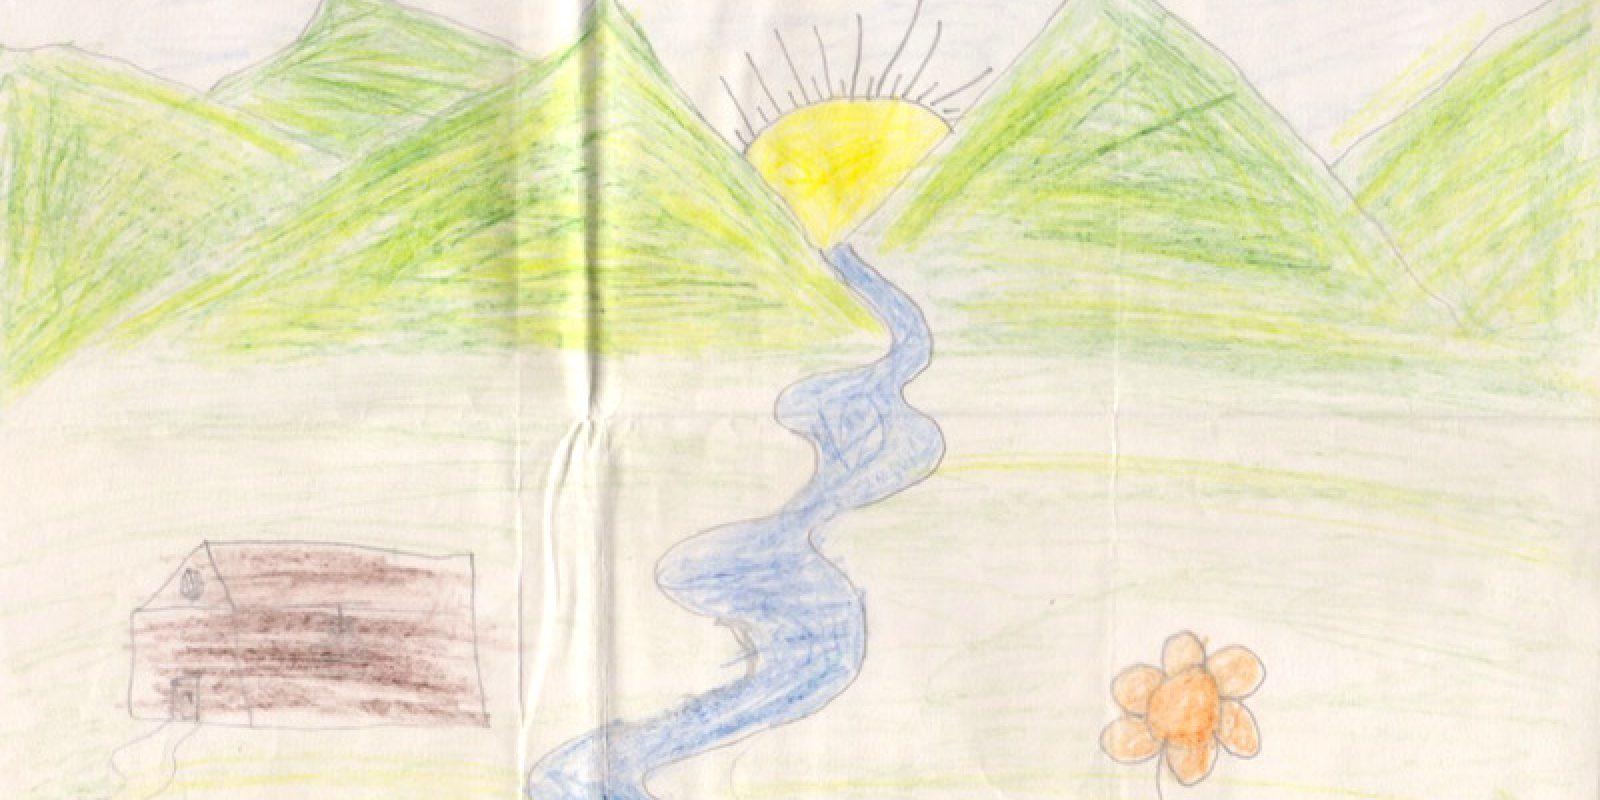 Dessin de Tenzin Thutop (2008, 8 ans)